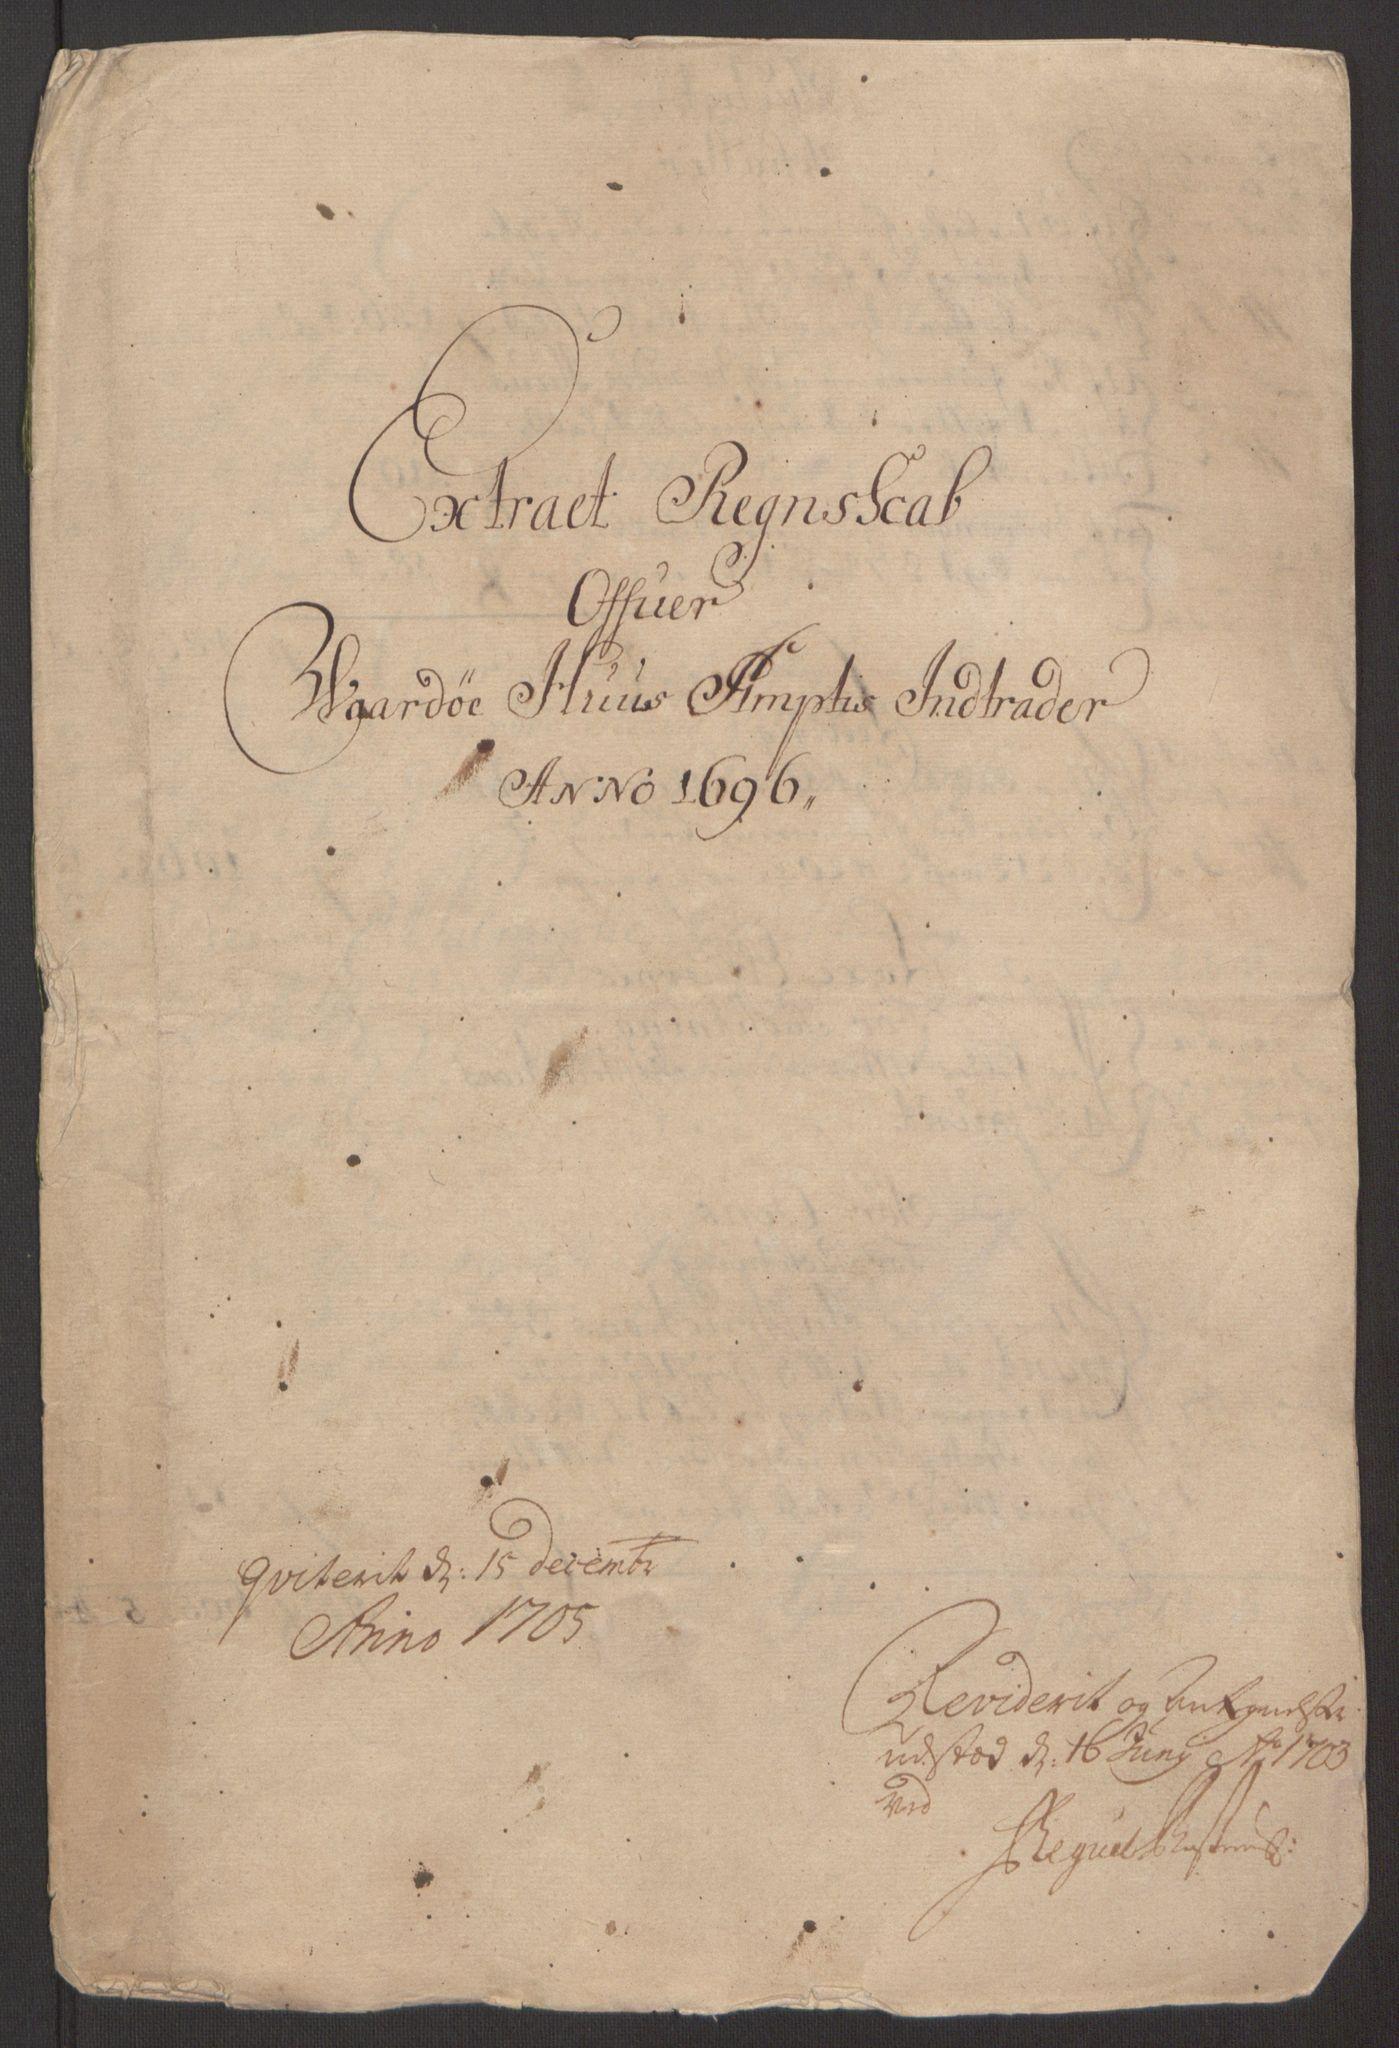 RA, Rentekammeret inntil 1814, Reviderte regnskaper, Fogderegnskap, R69/L4851: Fogderegnskap Finnmark/Vardøhus, 1691-1700, s. 261